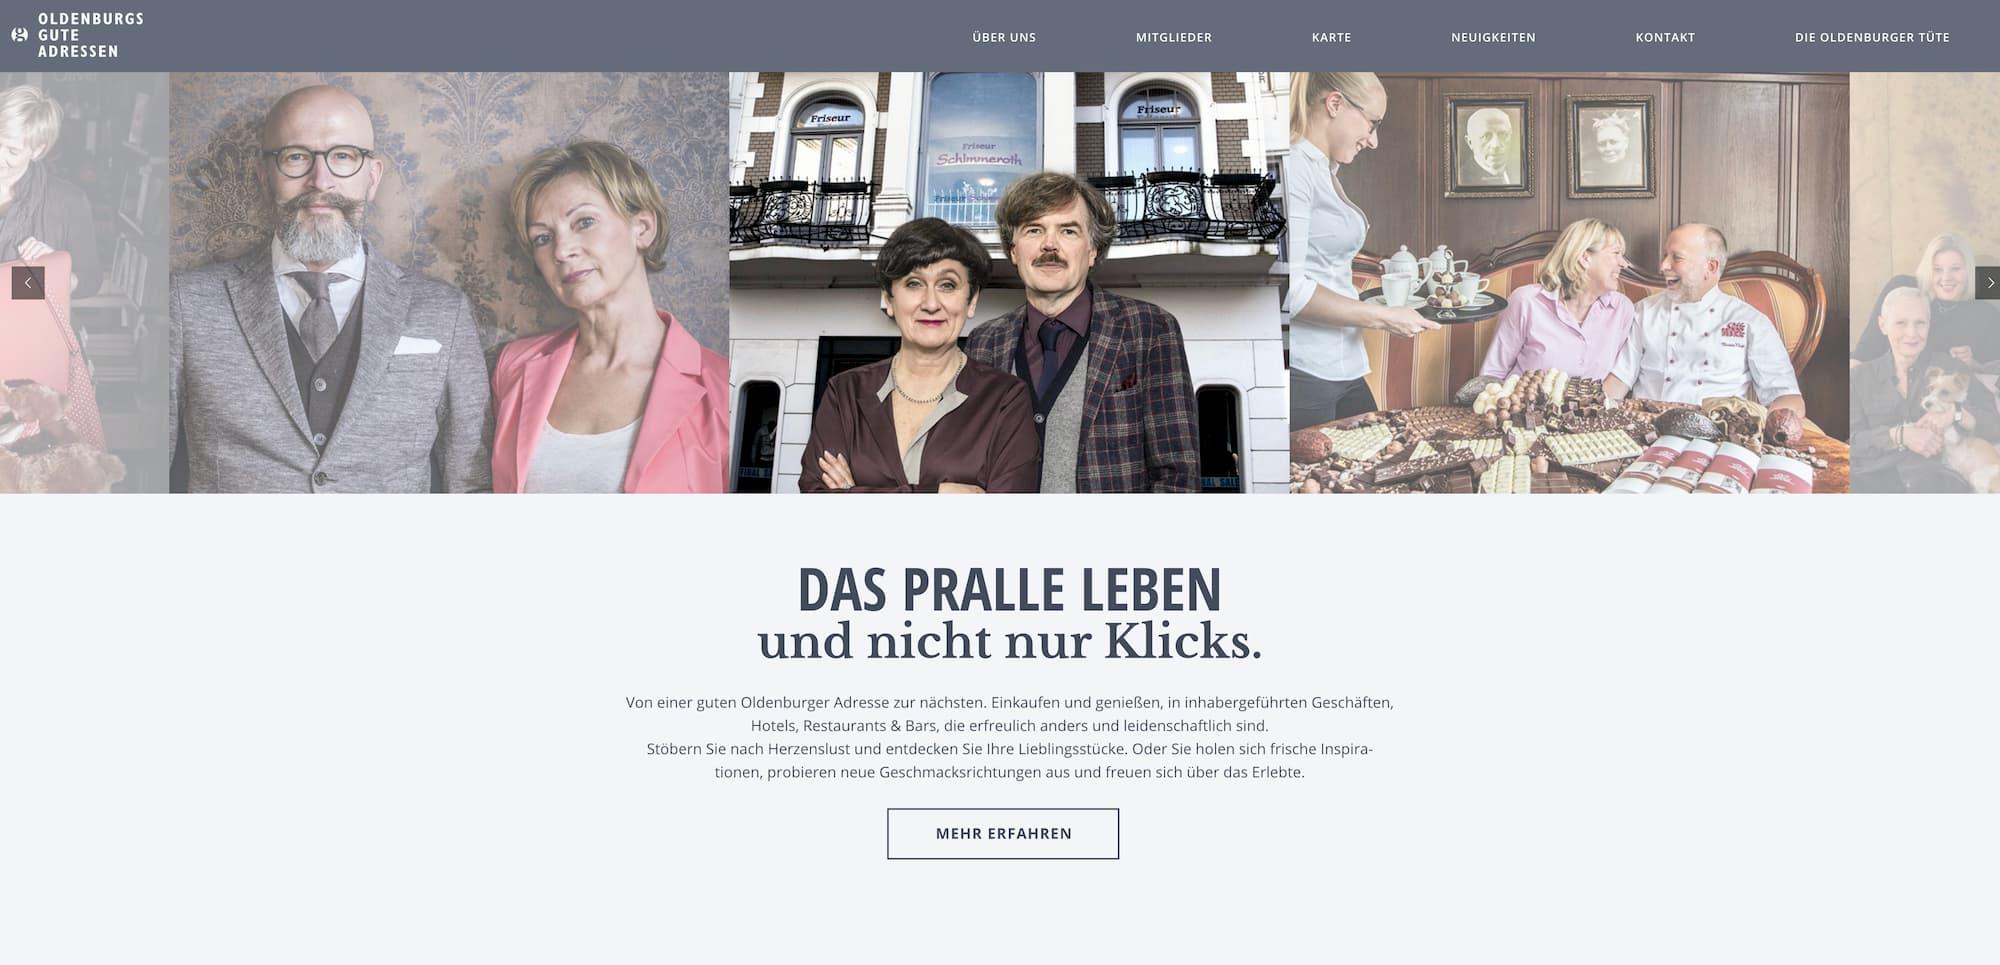 zur Webseite von Oldenburgs guten Adressen